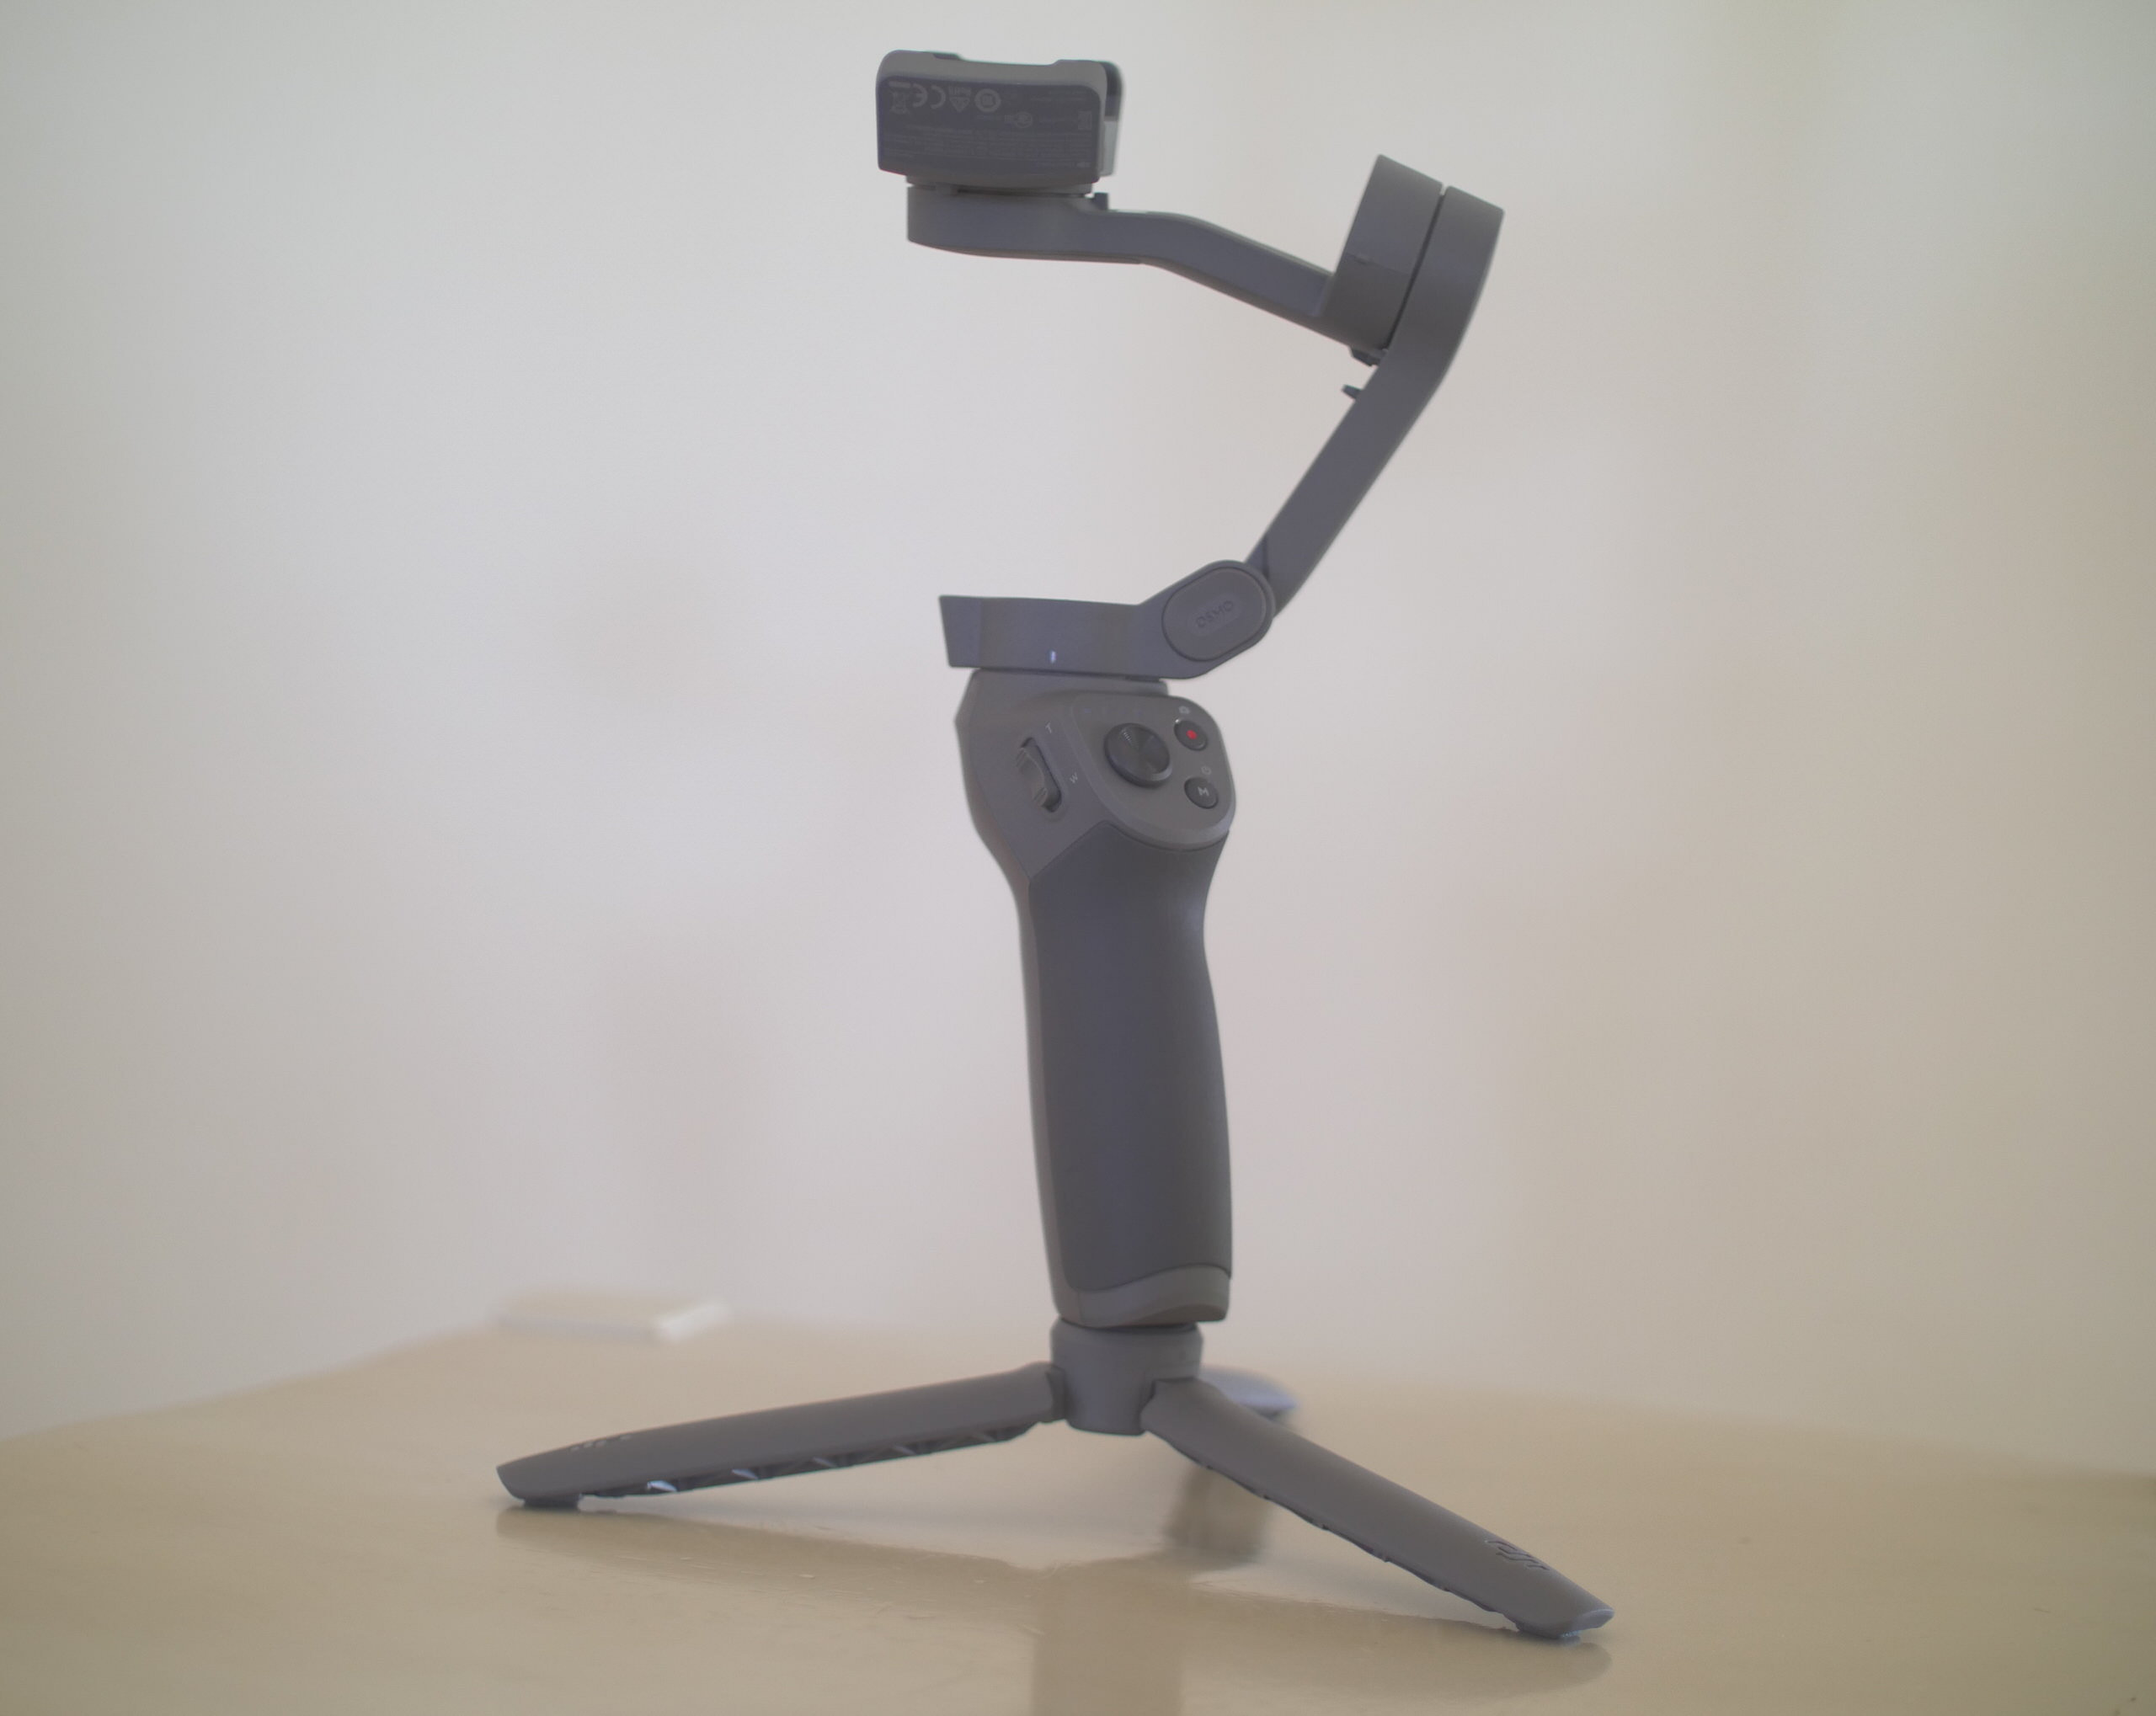 Các bộ phận của Tay cầm chống rung Gimbal DJI Osmo Mobile 3 Combo